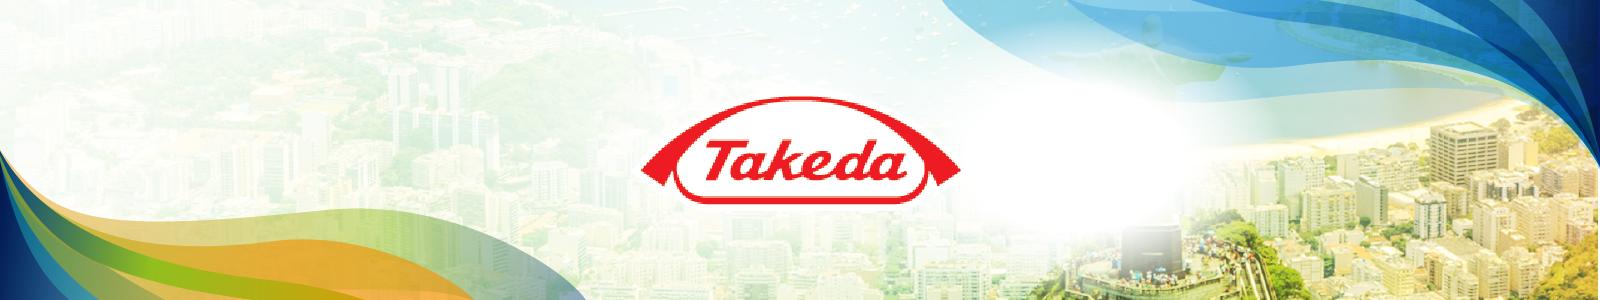 banner Takeda